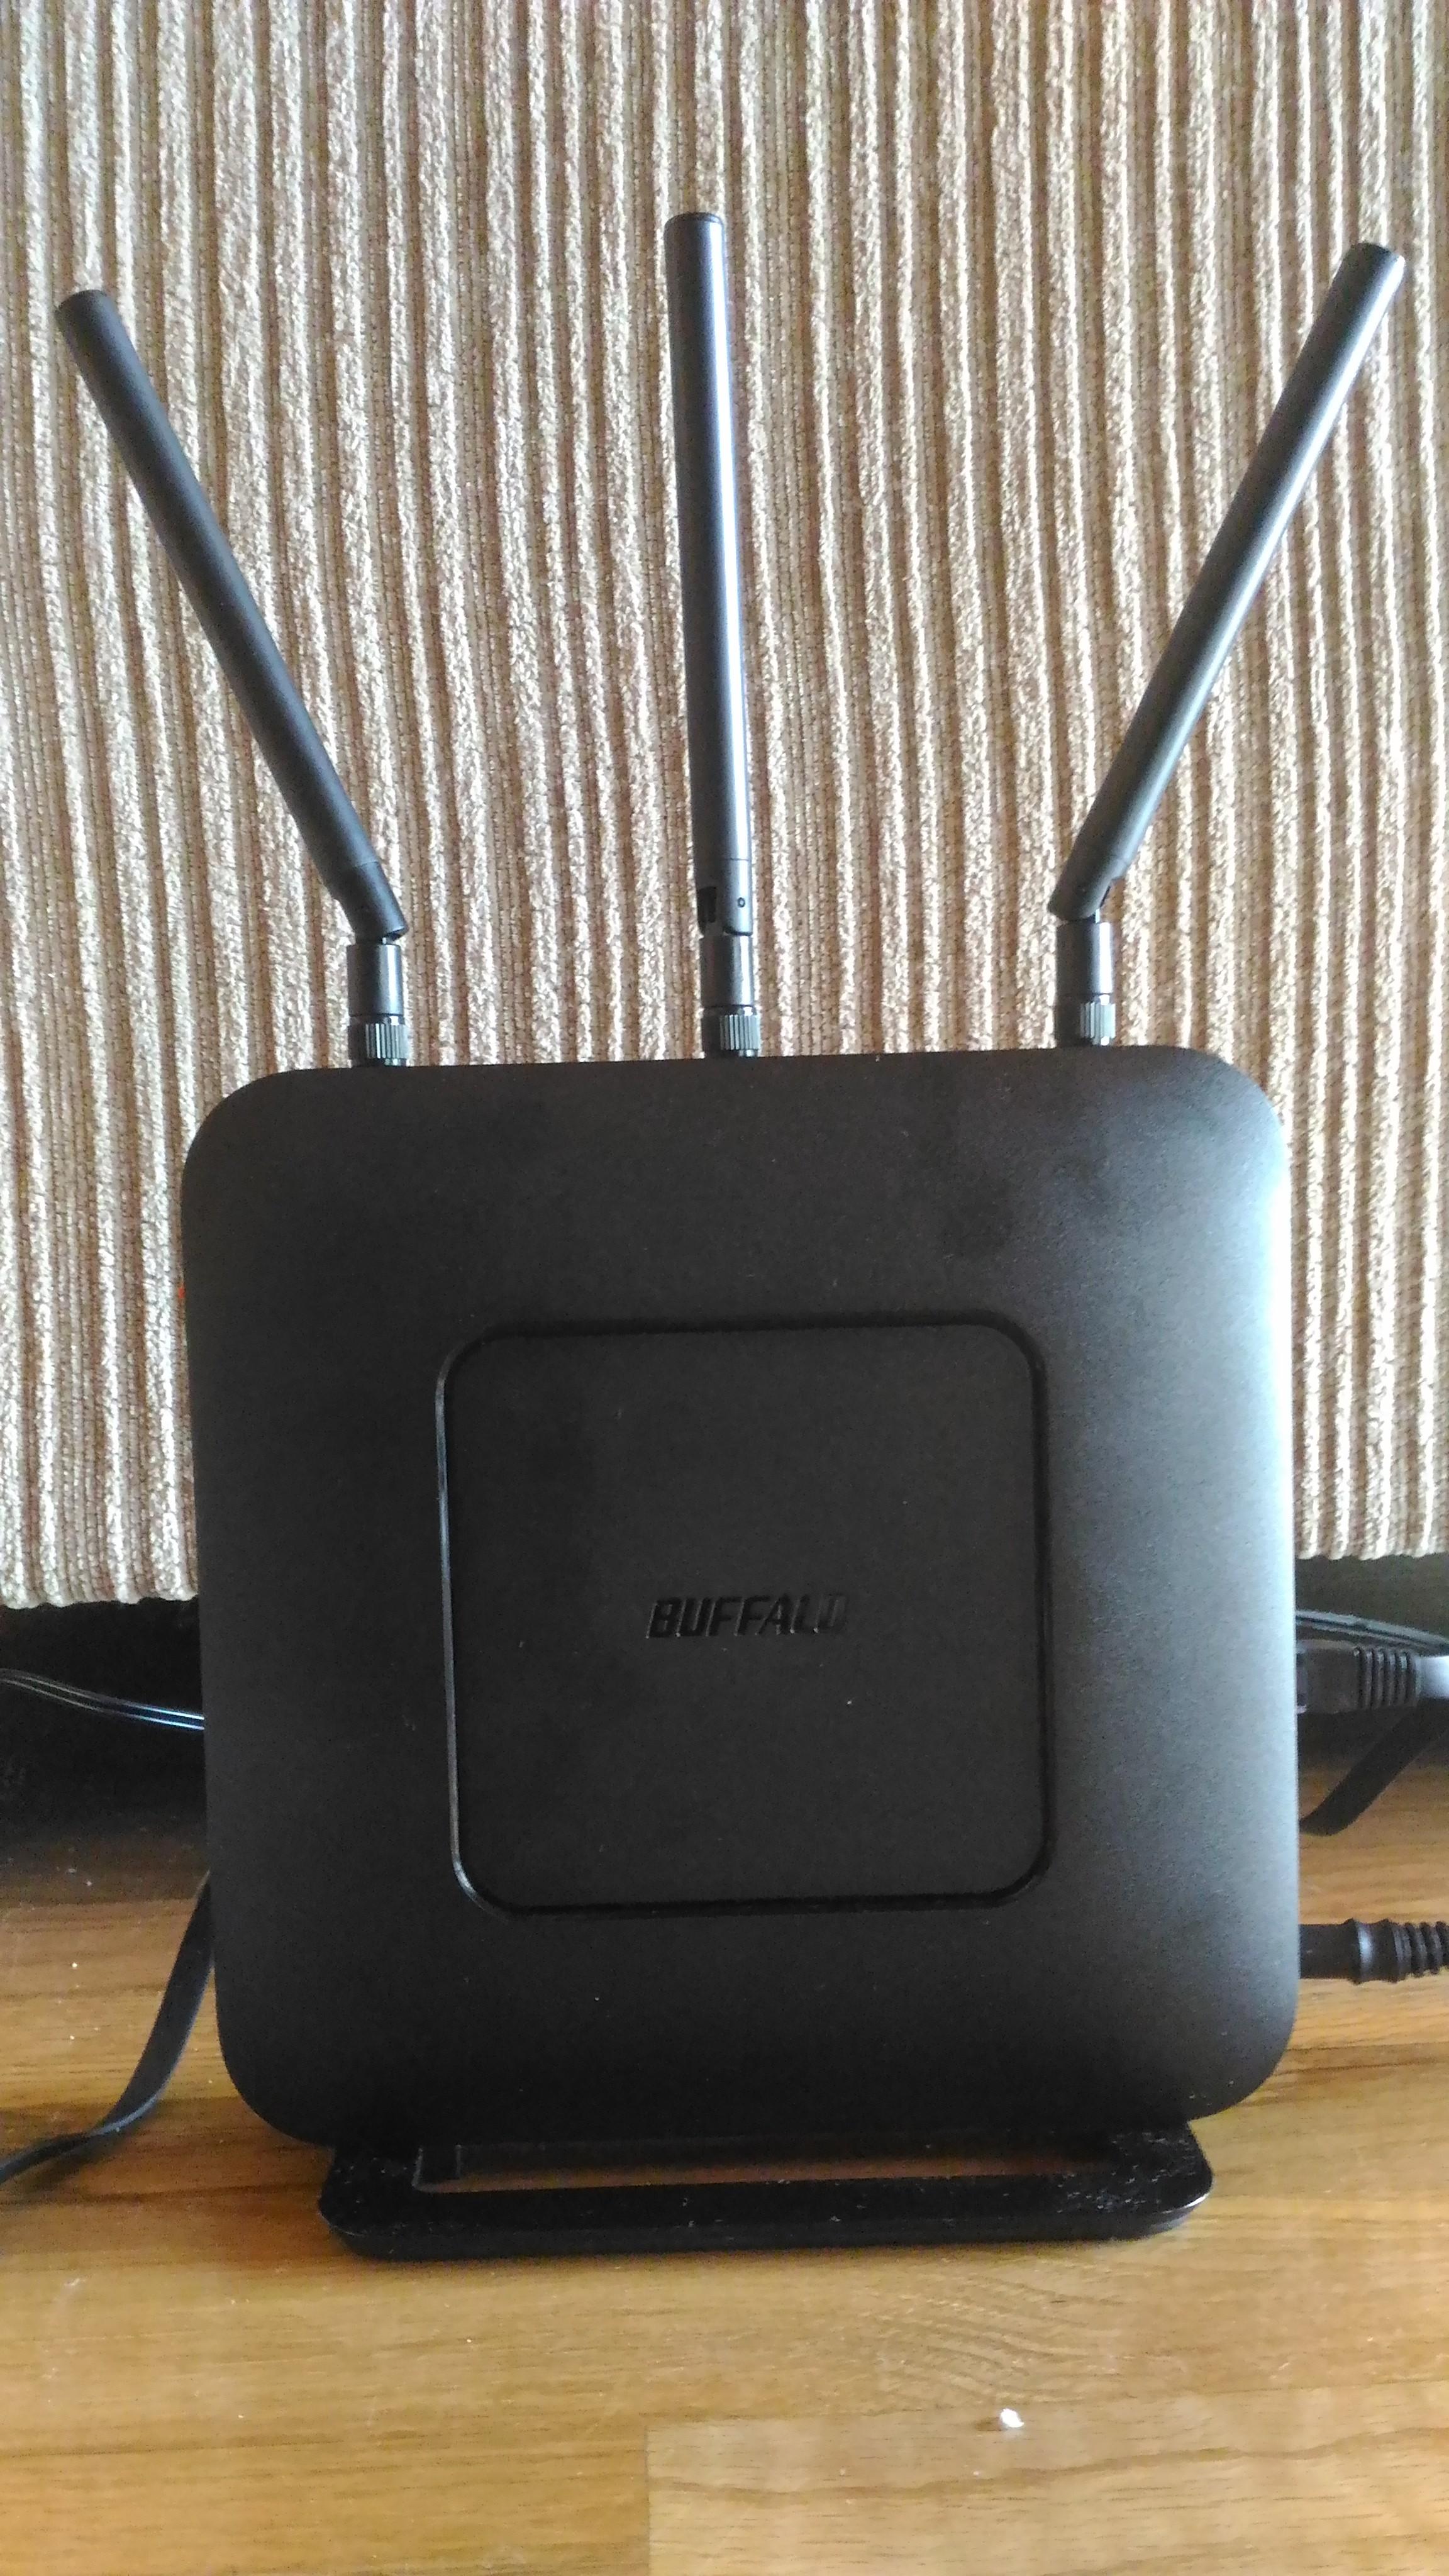 高速wifiルーター